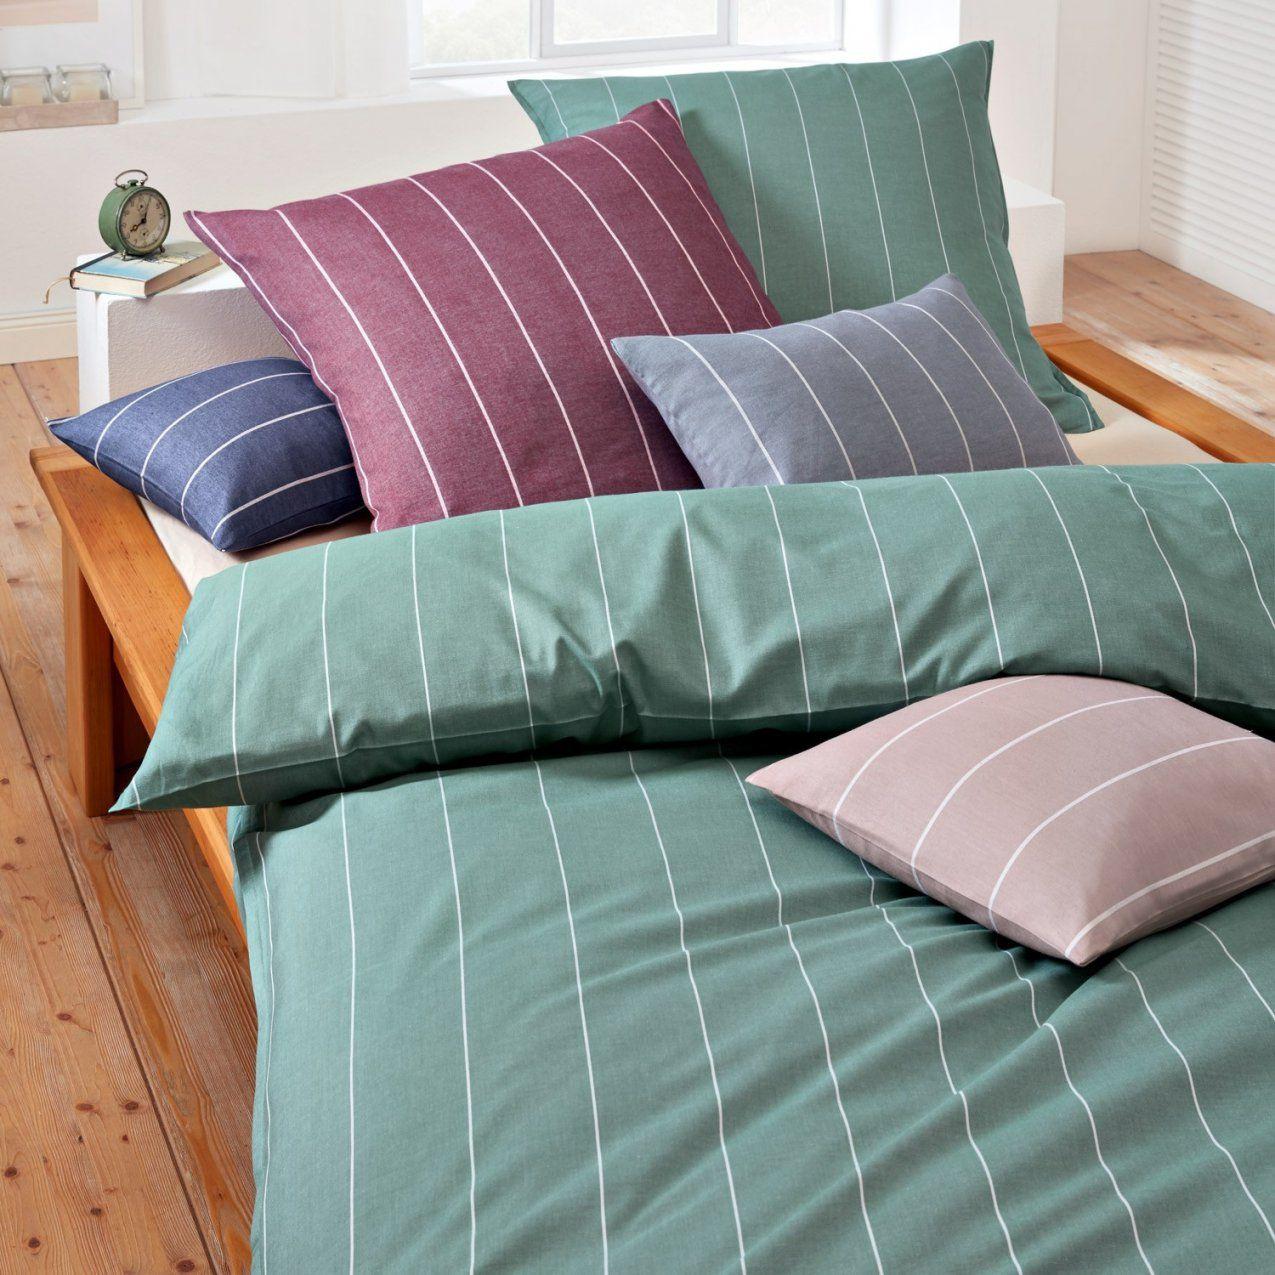 Bio Bettwäsche Biber Schön Bettwäsche Ikea Pummeleinhorn Bettwäsche von Einhorn Bettwäsche Ikea Photo